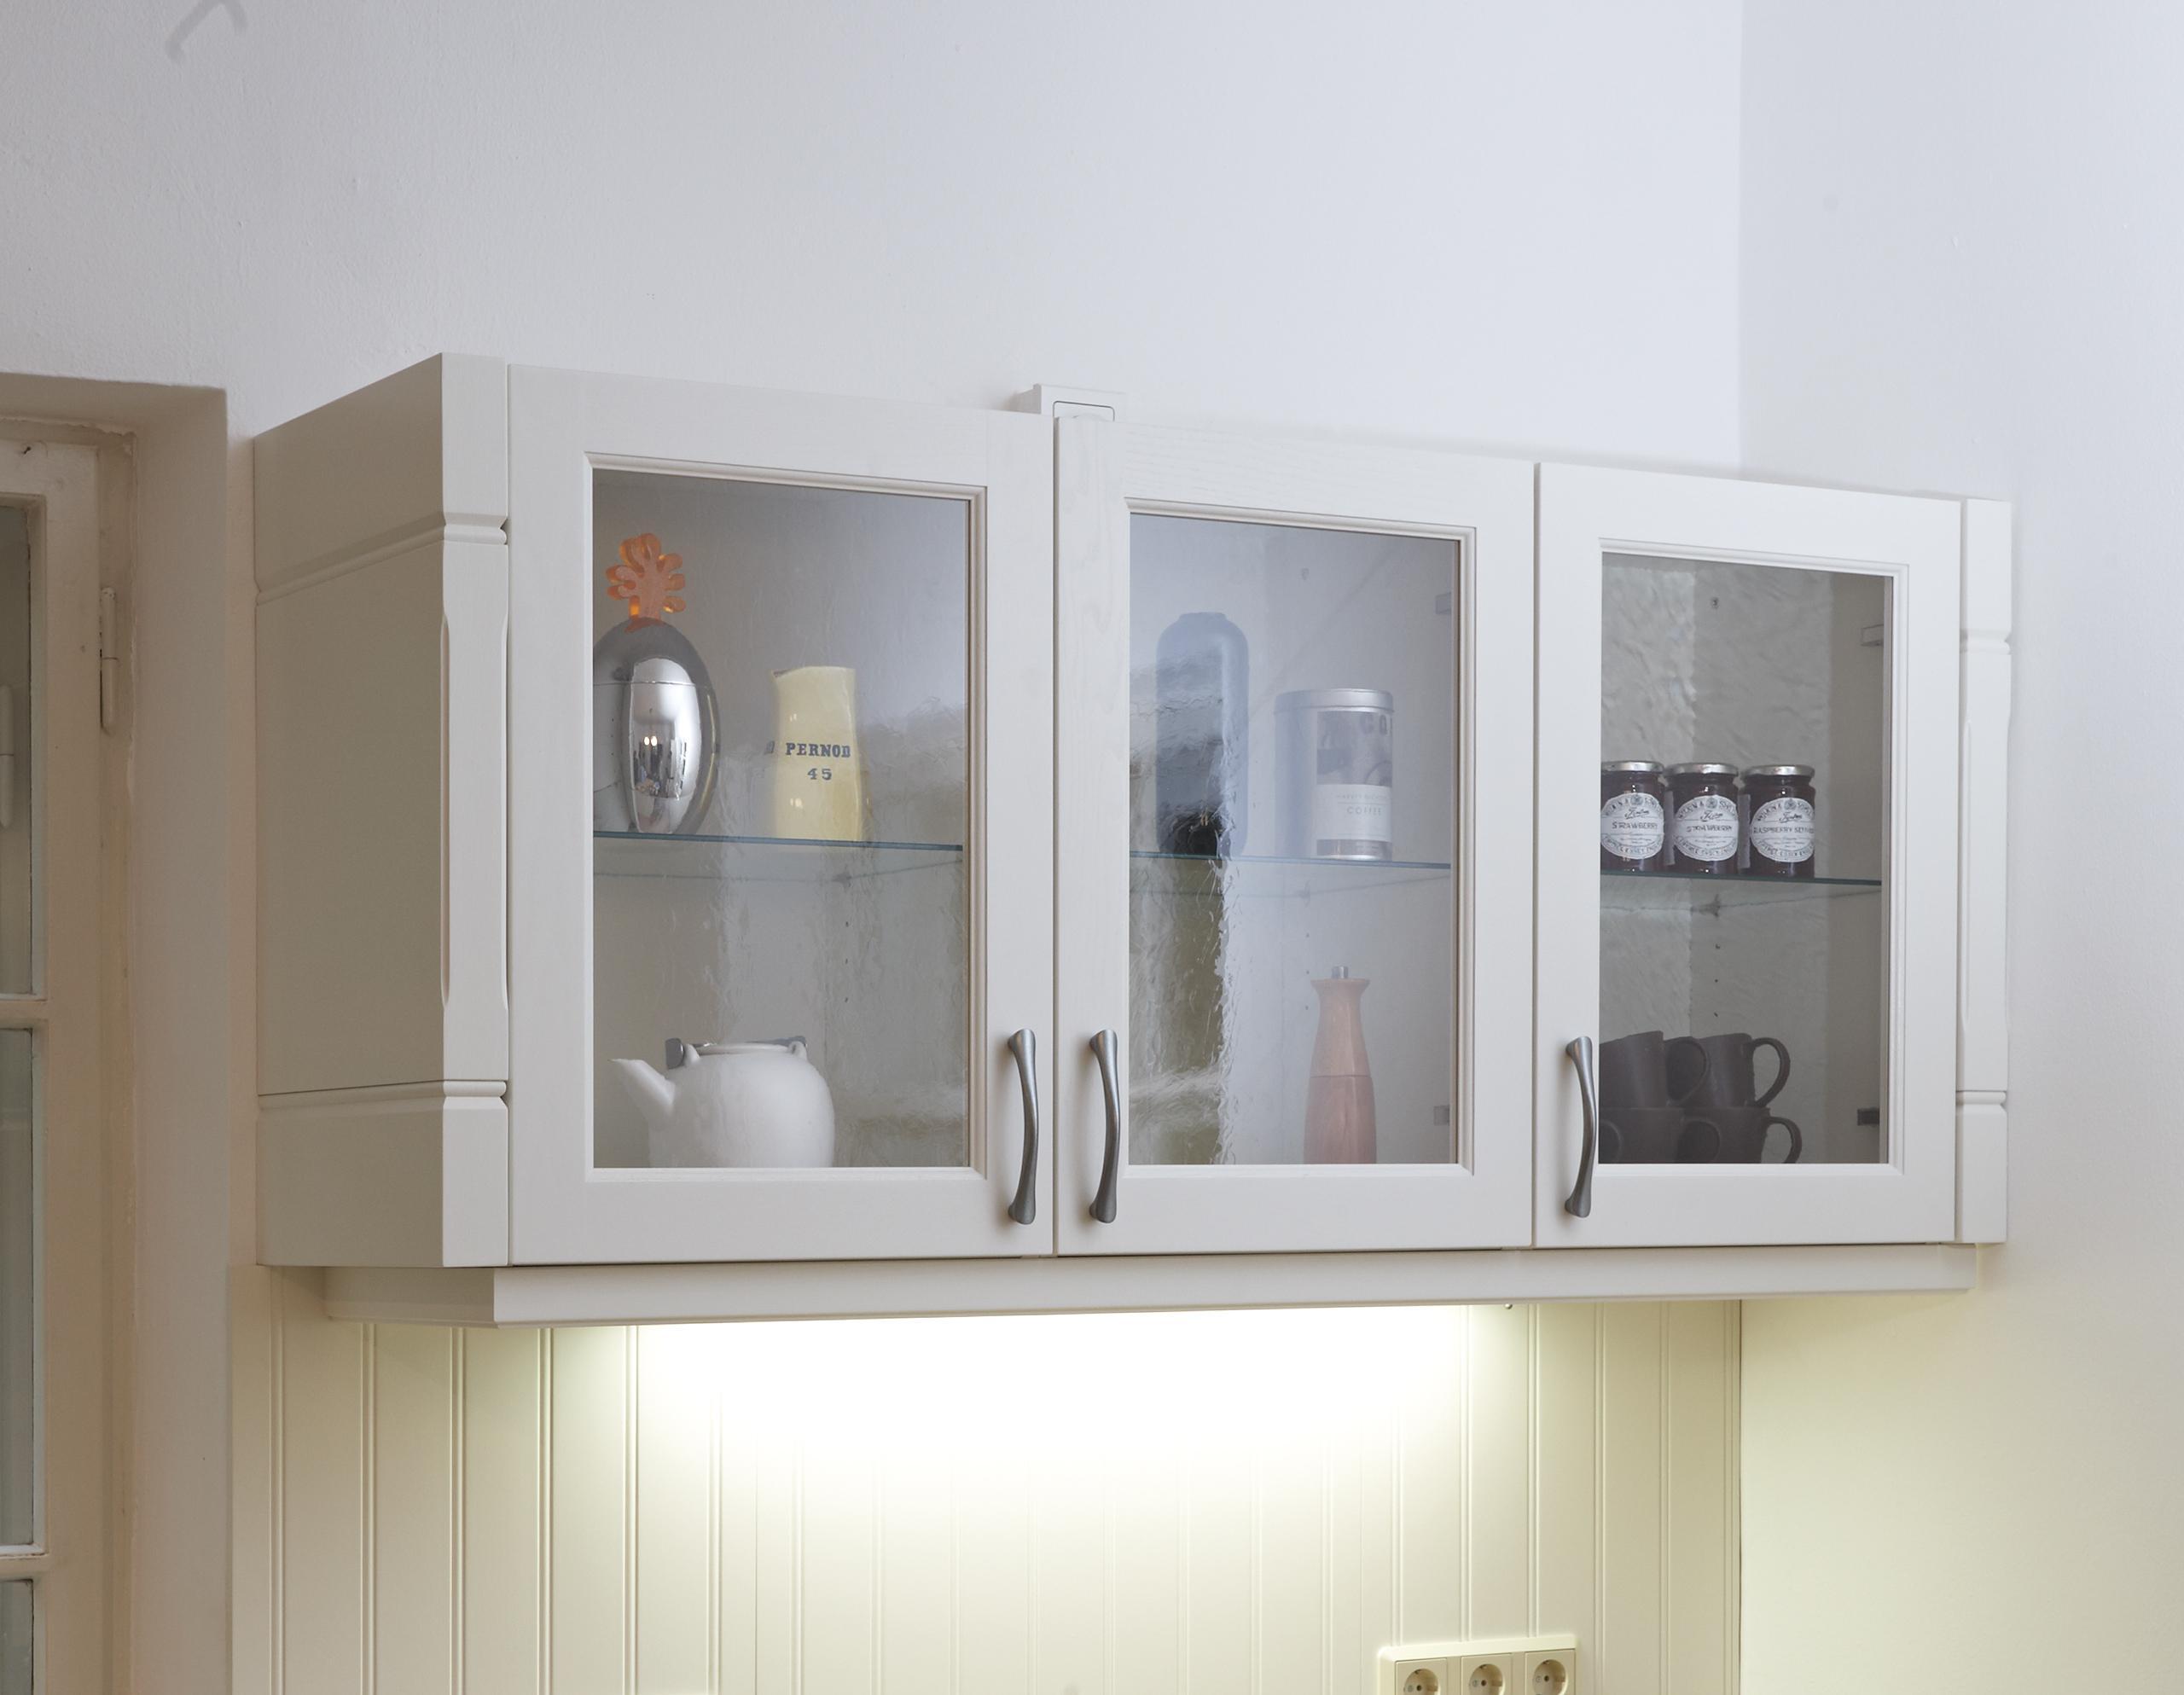 Full Size of Oberschrank Küche Eckschrank Selbst Zusammenstellen Sockelblende Ikea Miniküche Rolladenschrank Fliesen Für Industrielook Rustikal Arbeitsplatten Einrichten Küche Oberschrank Küche